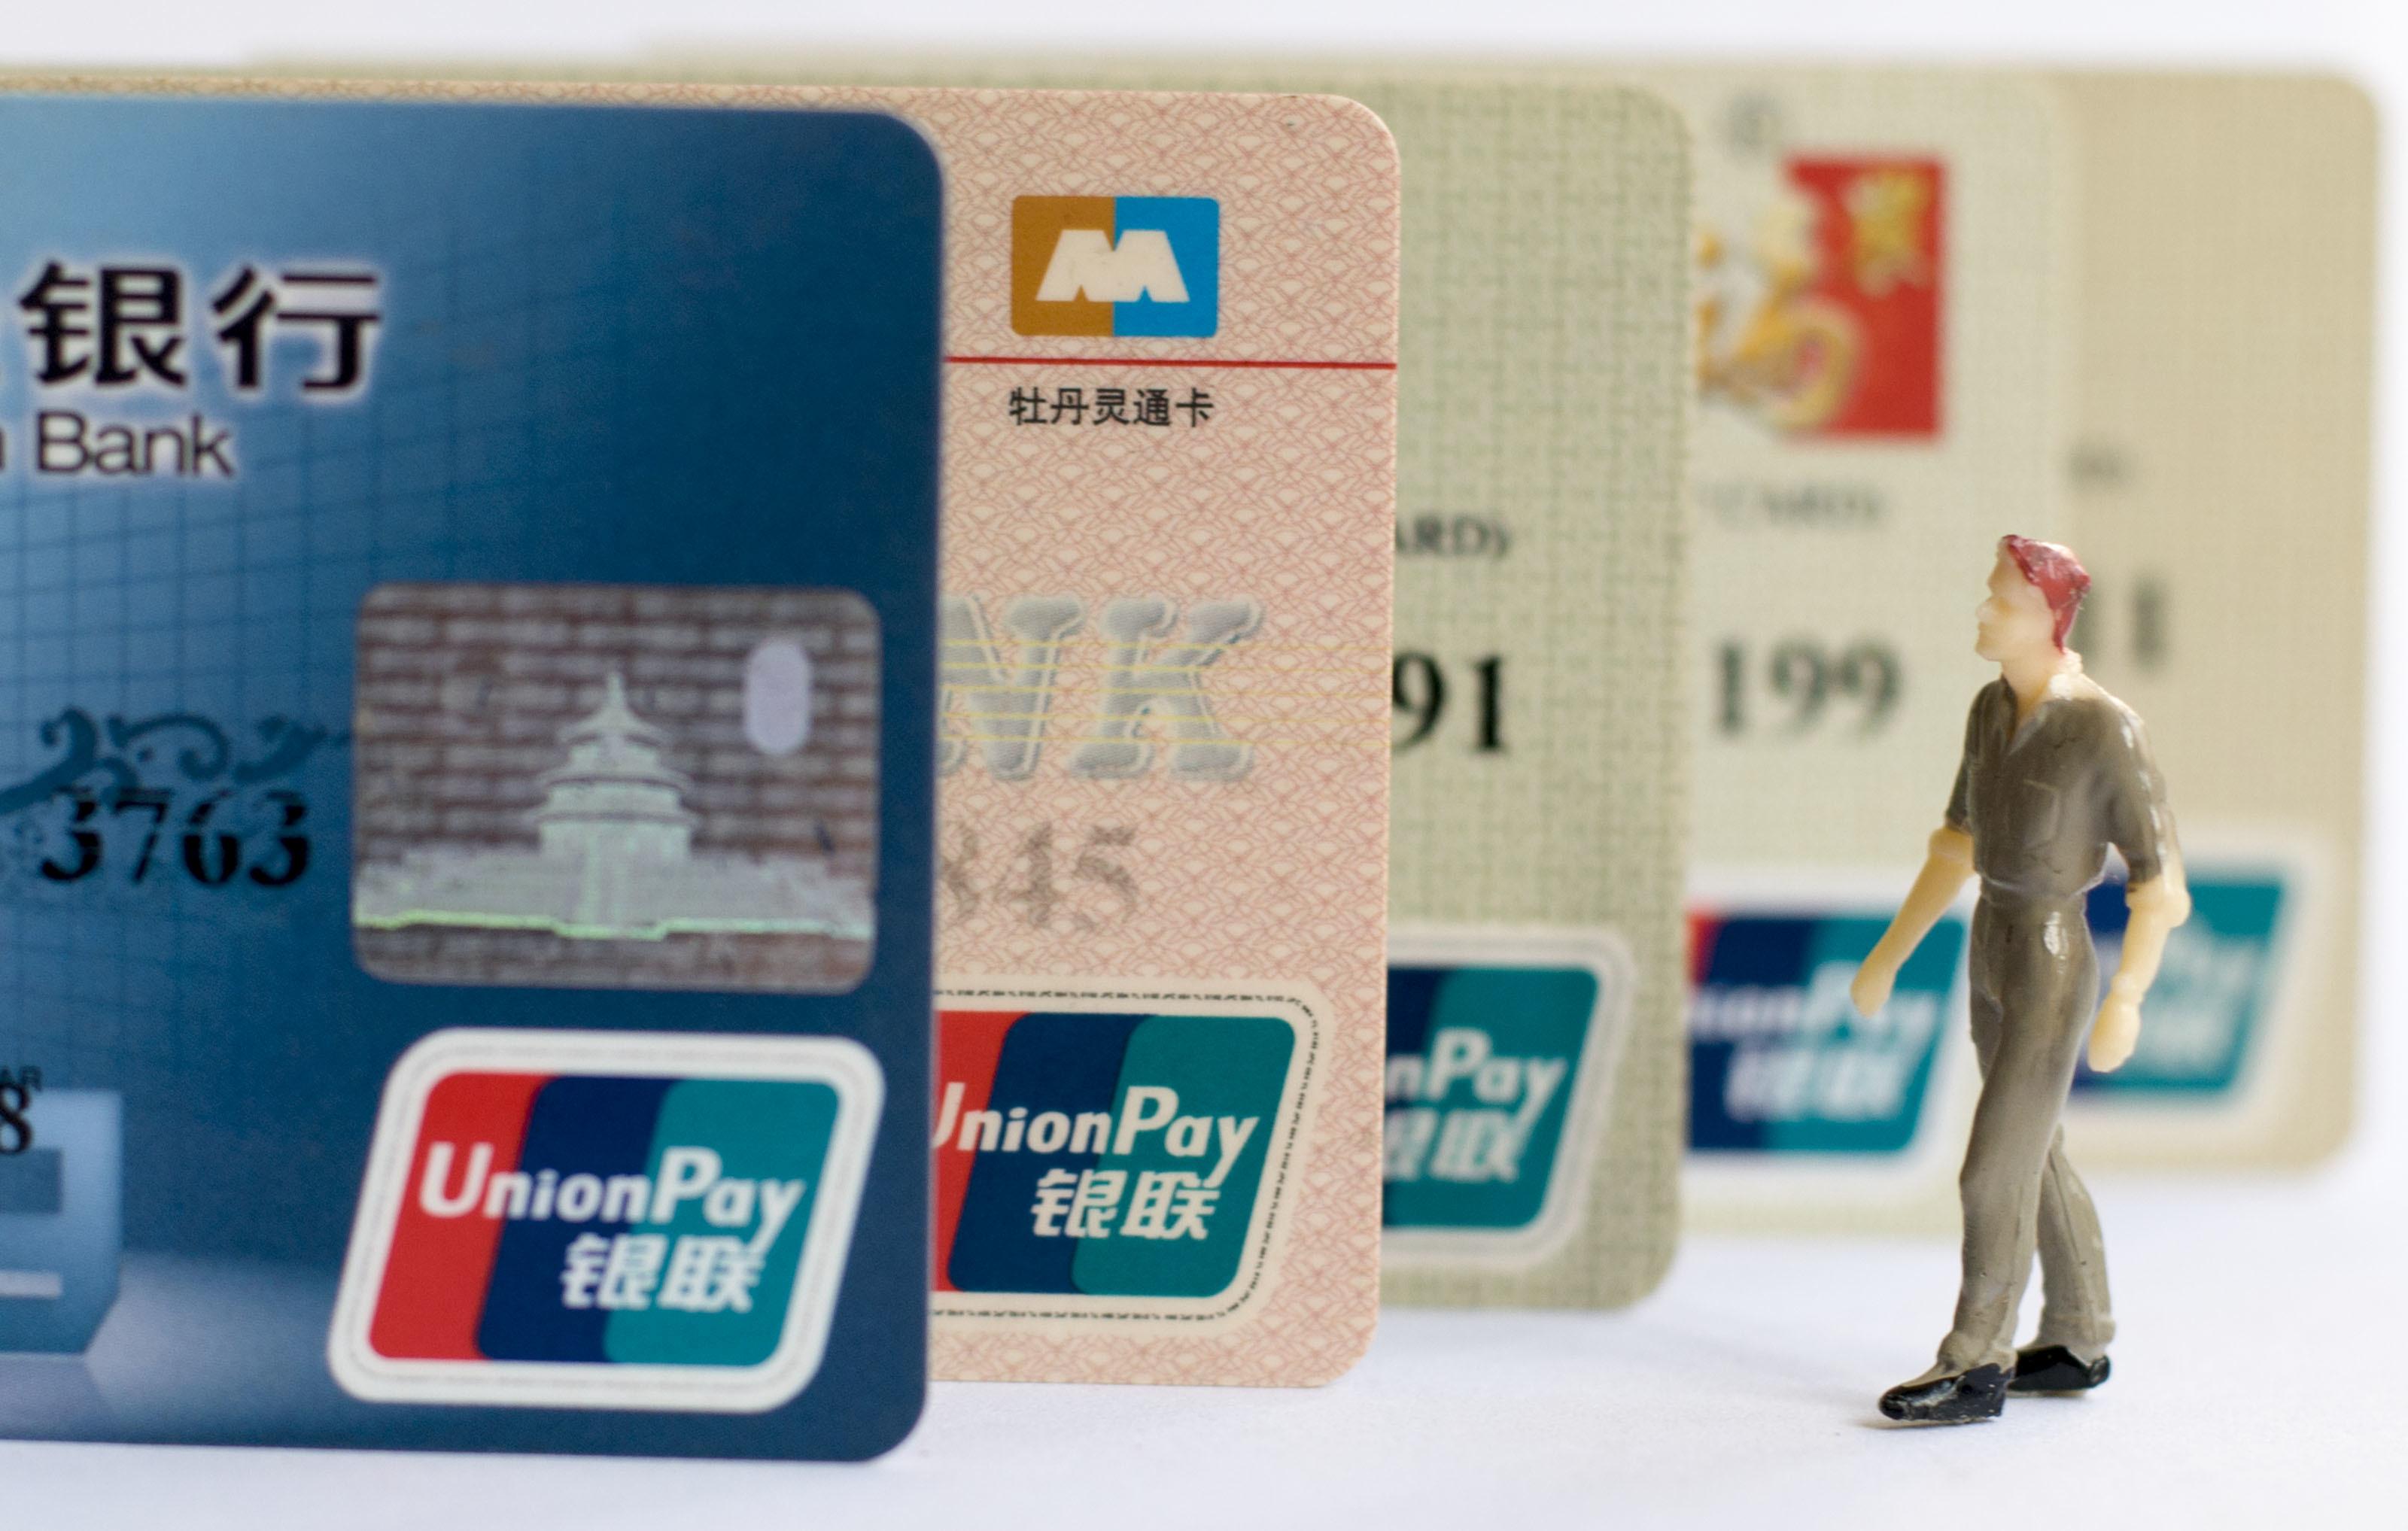 2019年最全的信用卡提额攻略,包含13家银行!